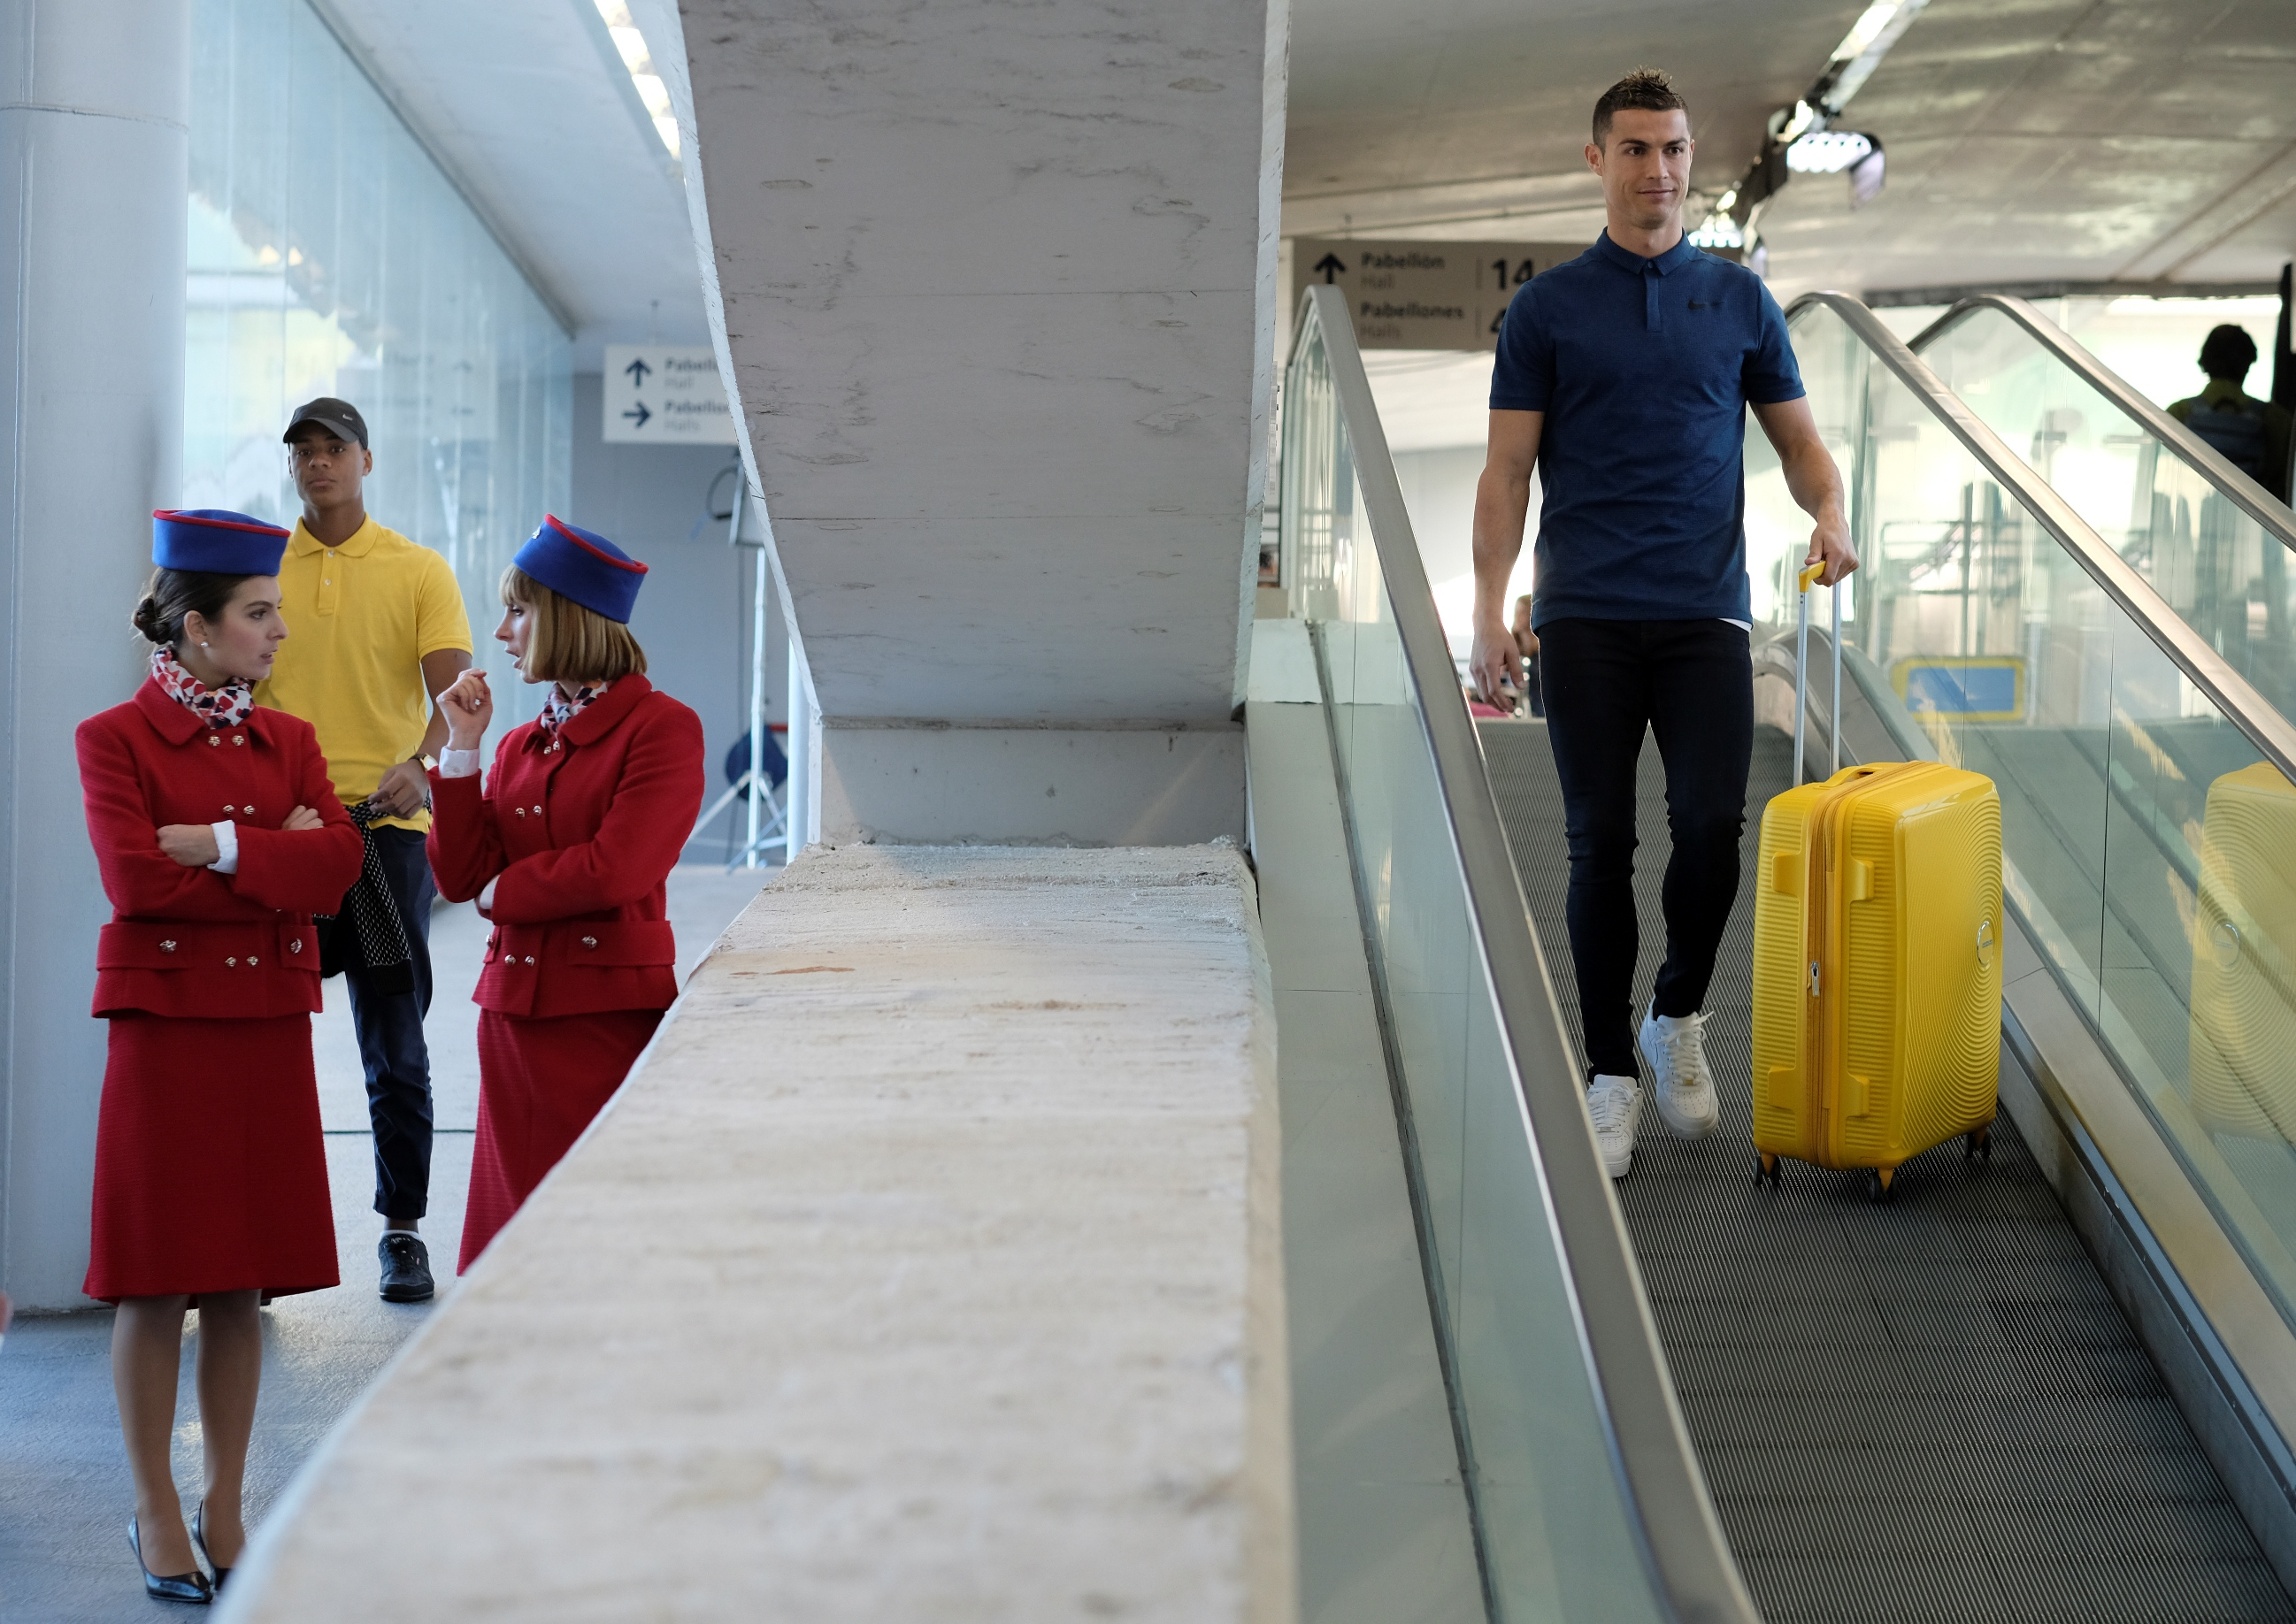 American Tourister - Cristiano Ronaldo